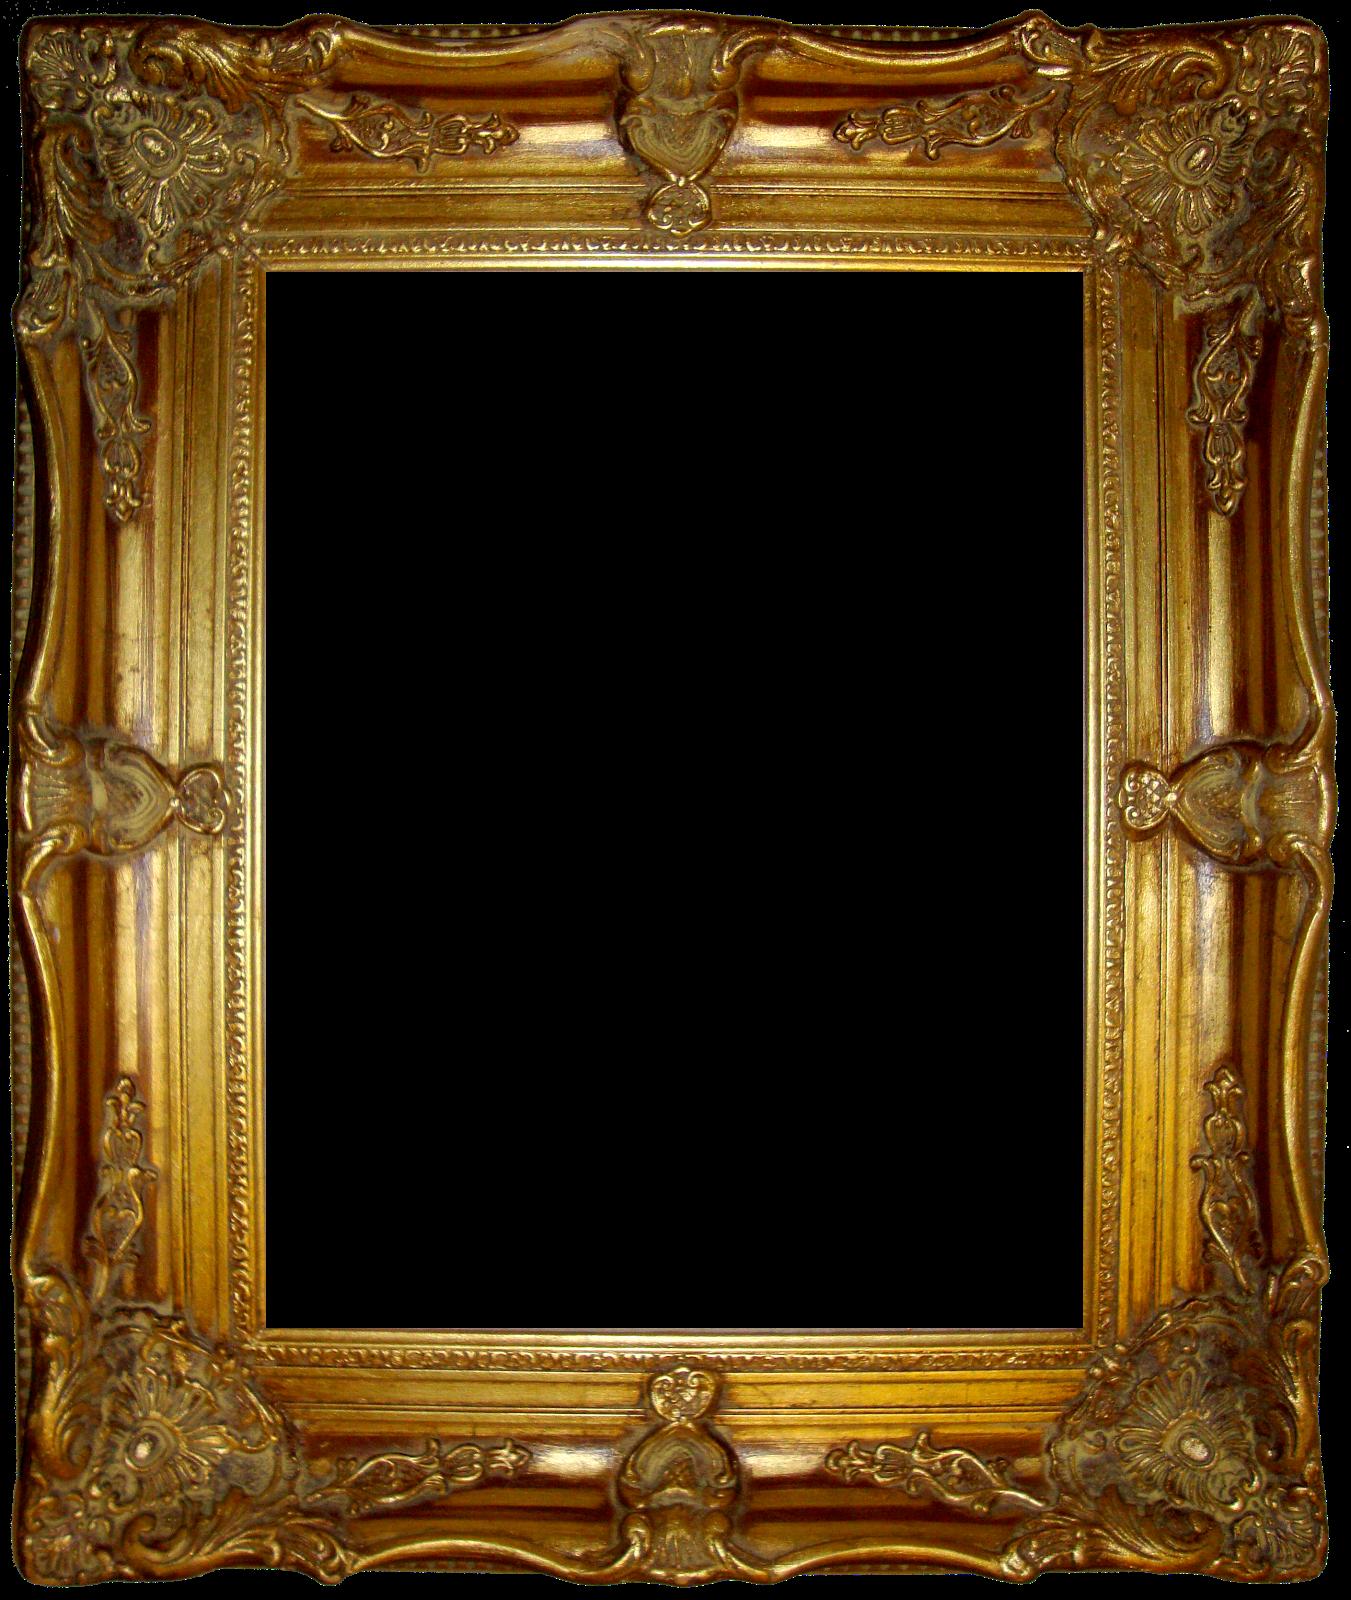 Doodlecraft Free Digital Antique Photo Frames Antique Photo Frames Digital Frame Antique Picture Frames